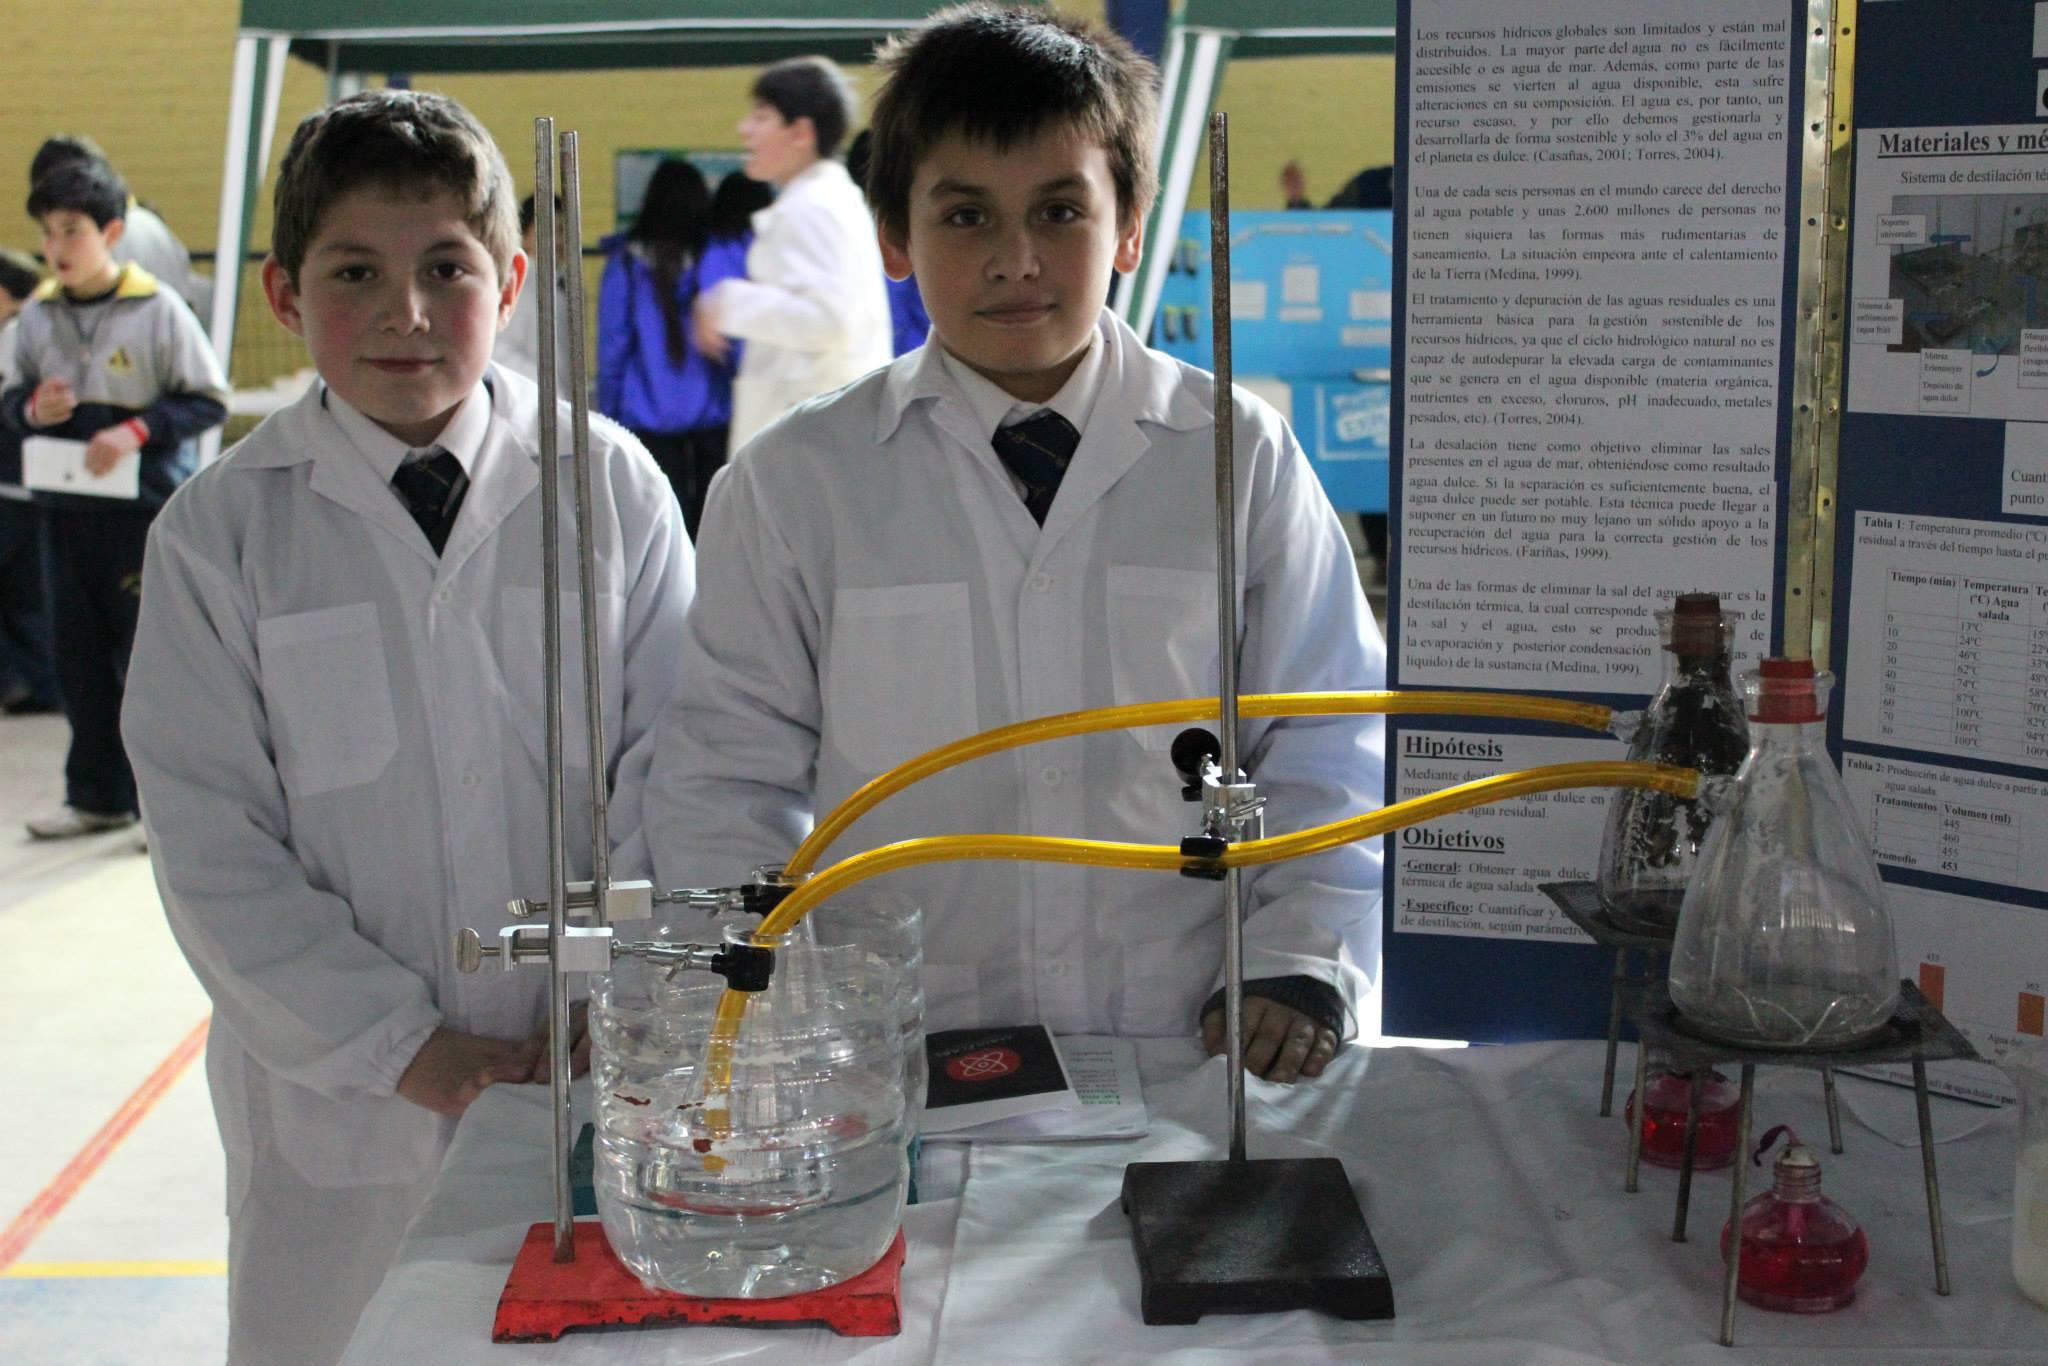 Explora Maule, invita a estudiantes a realizar investigaciones con Científicos UTALCA